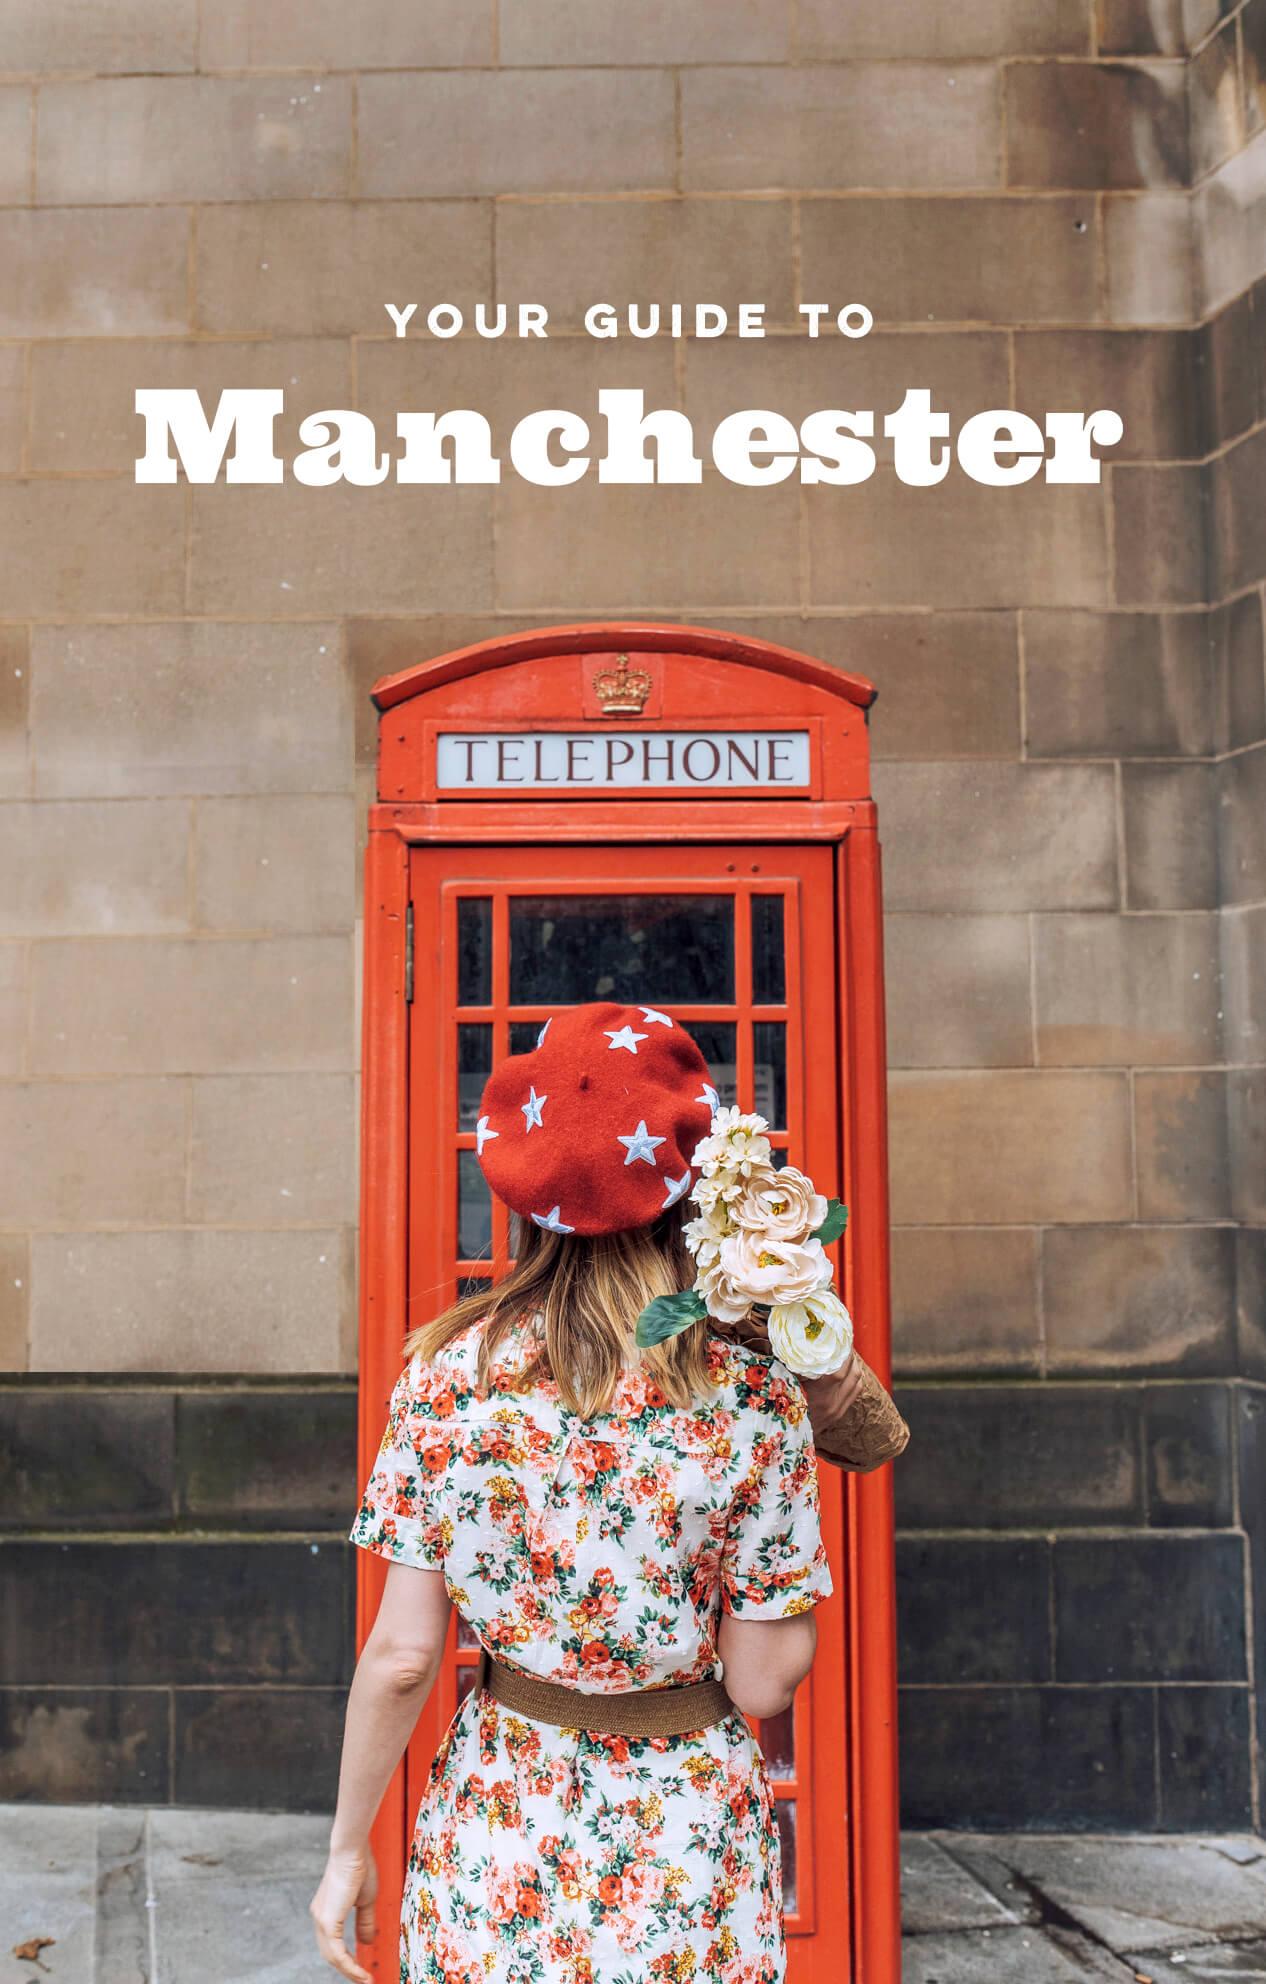 ManchesterCityGuide.jpg